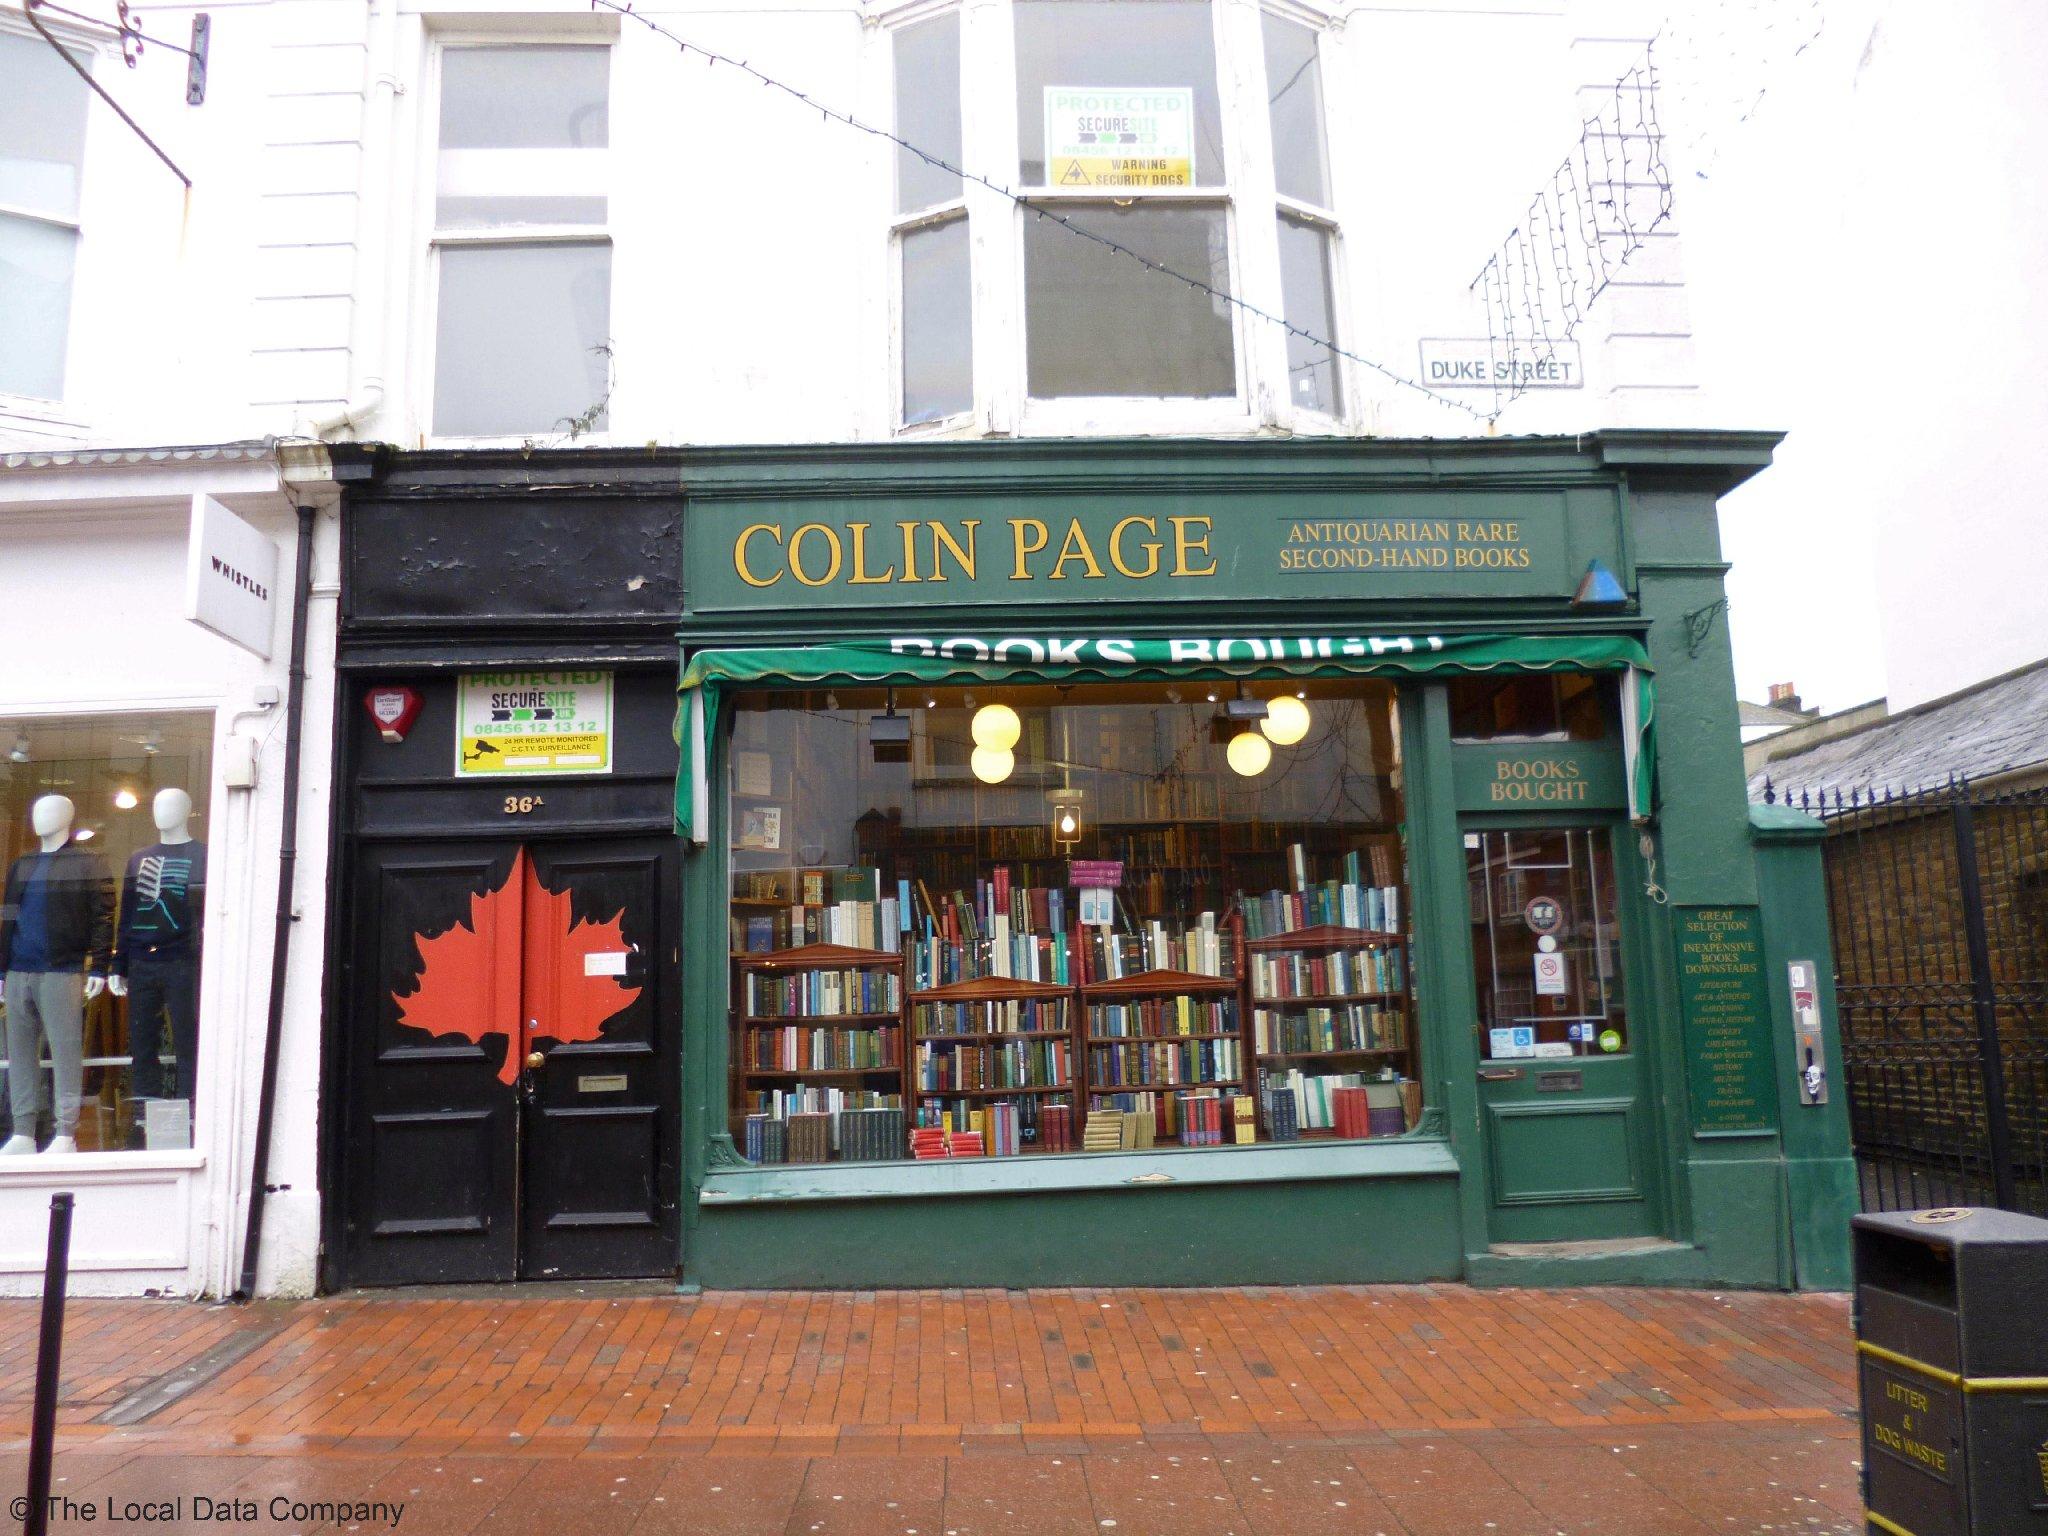 Colin Page Books - Books Secondhand in Brighton BN1 1AG - 192.com